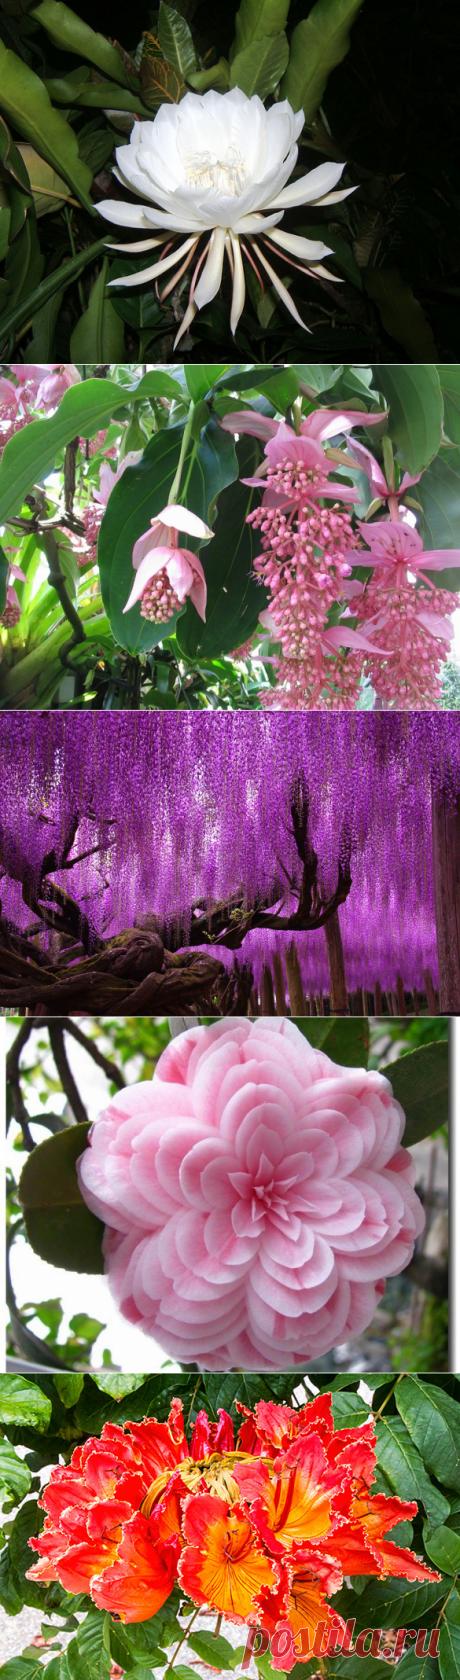 Самые красивые цветы планеты, часть 2